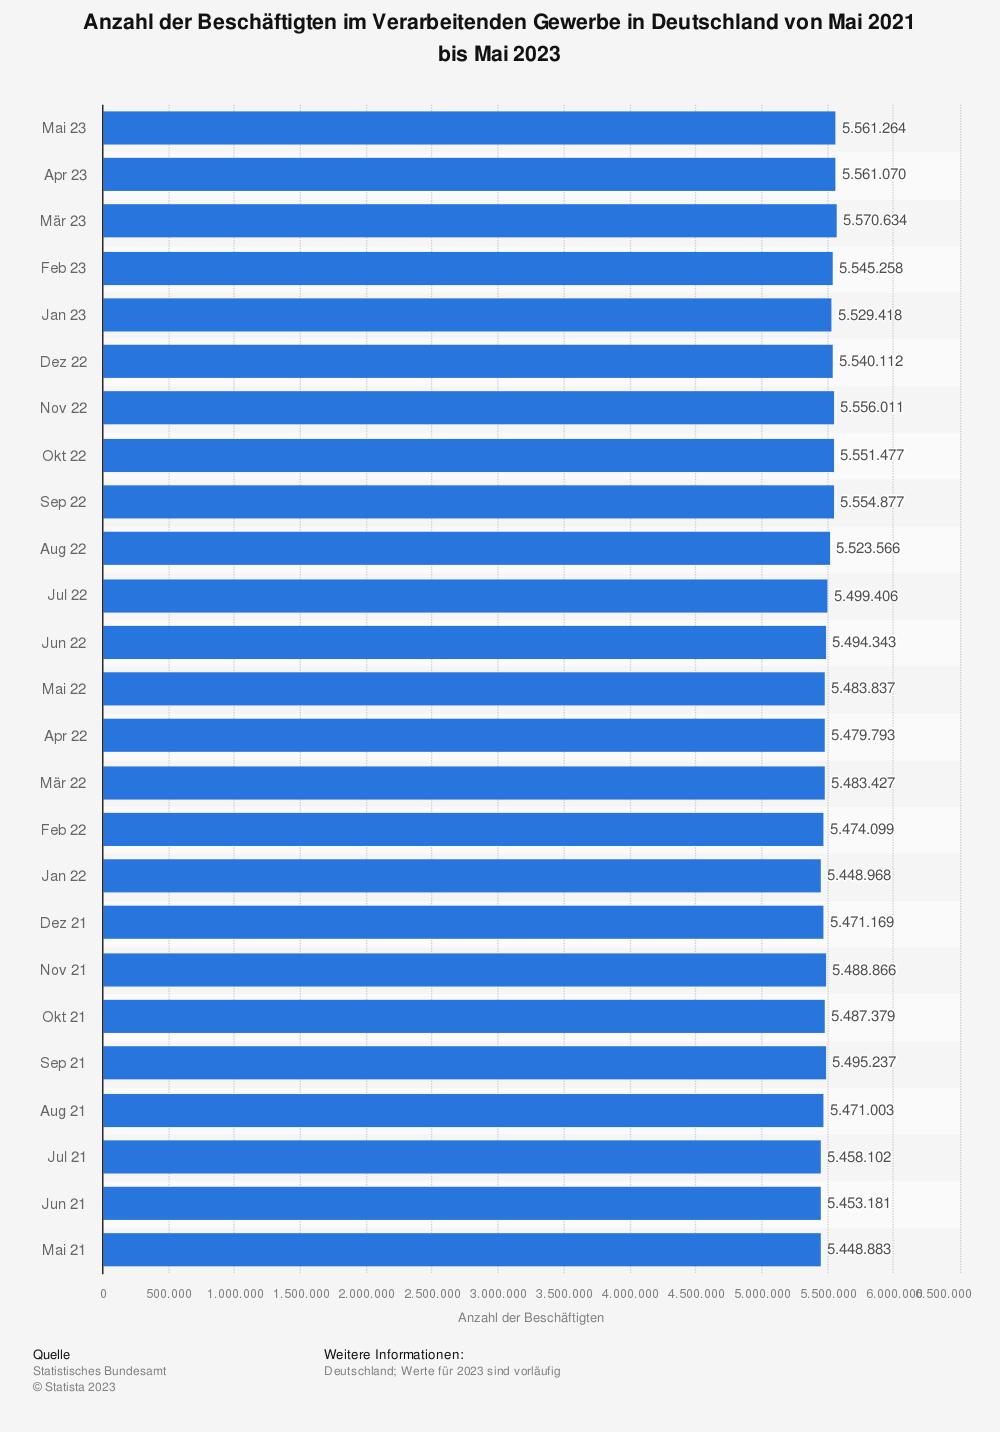 Statistik: Anzahl der Beschäftigten im Verarbeitenden Gewerbe in Deutschland von Januar 2020 bis Juli 2021 | Statista